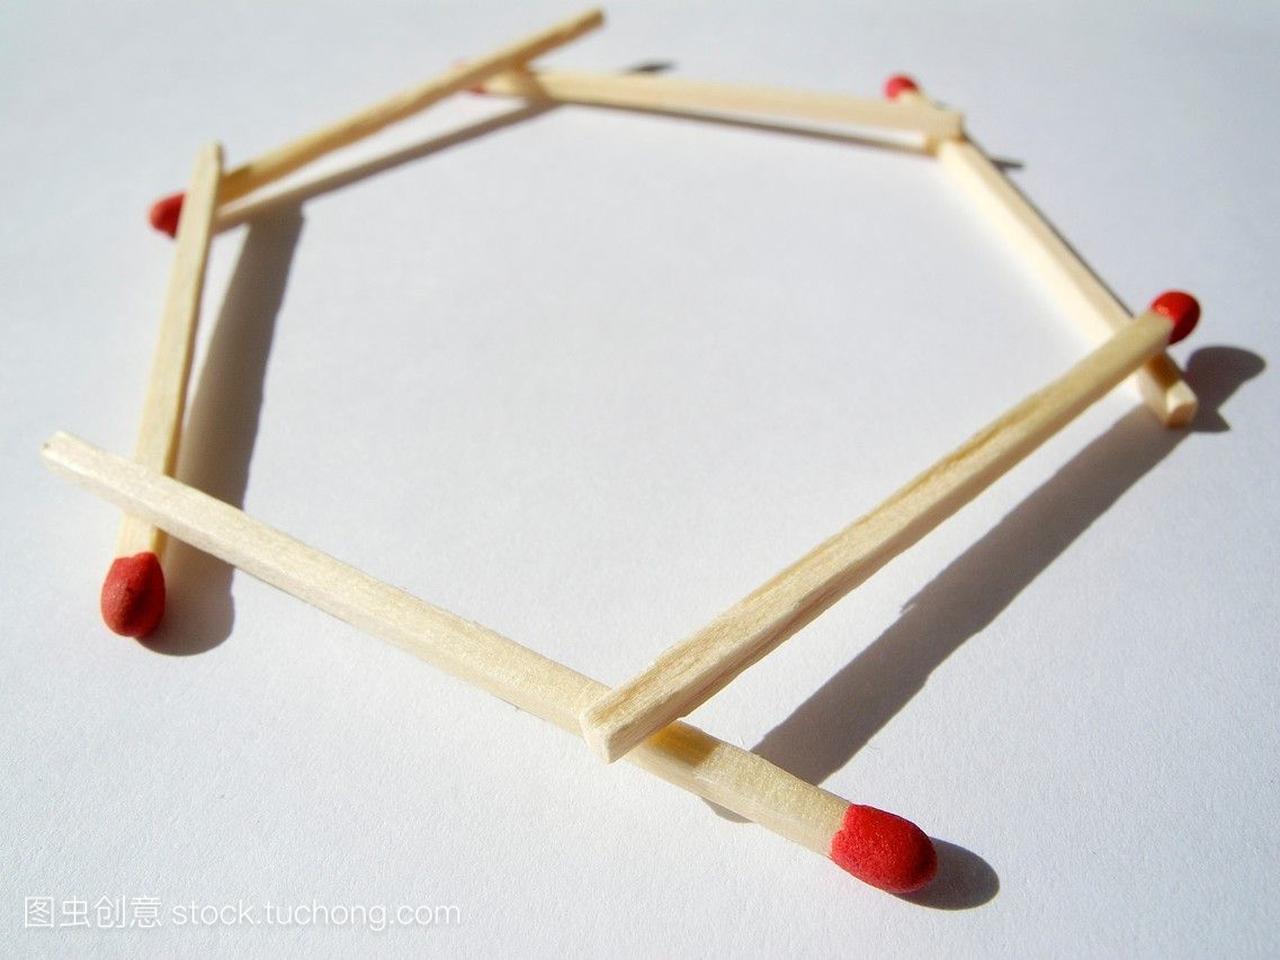 链接到六角相匹配。